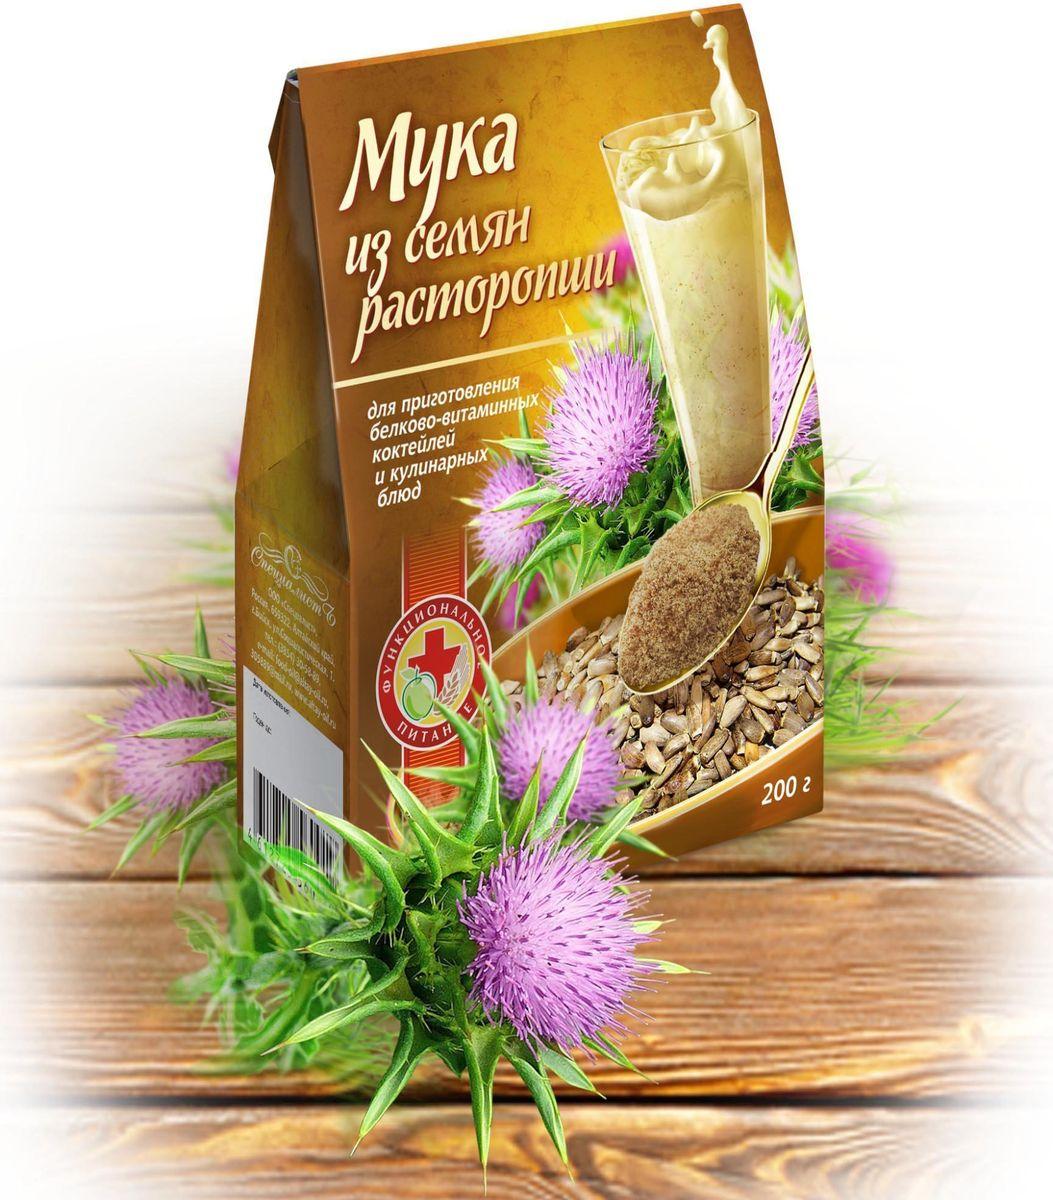 Organic Life мука расторопши, 200 г ufeelgood organic pumpkin seeds органические семена тыквы 150 г